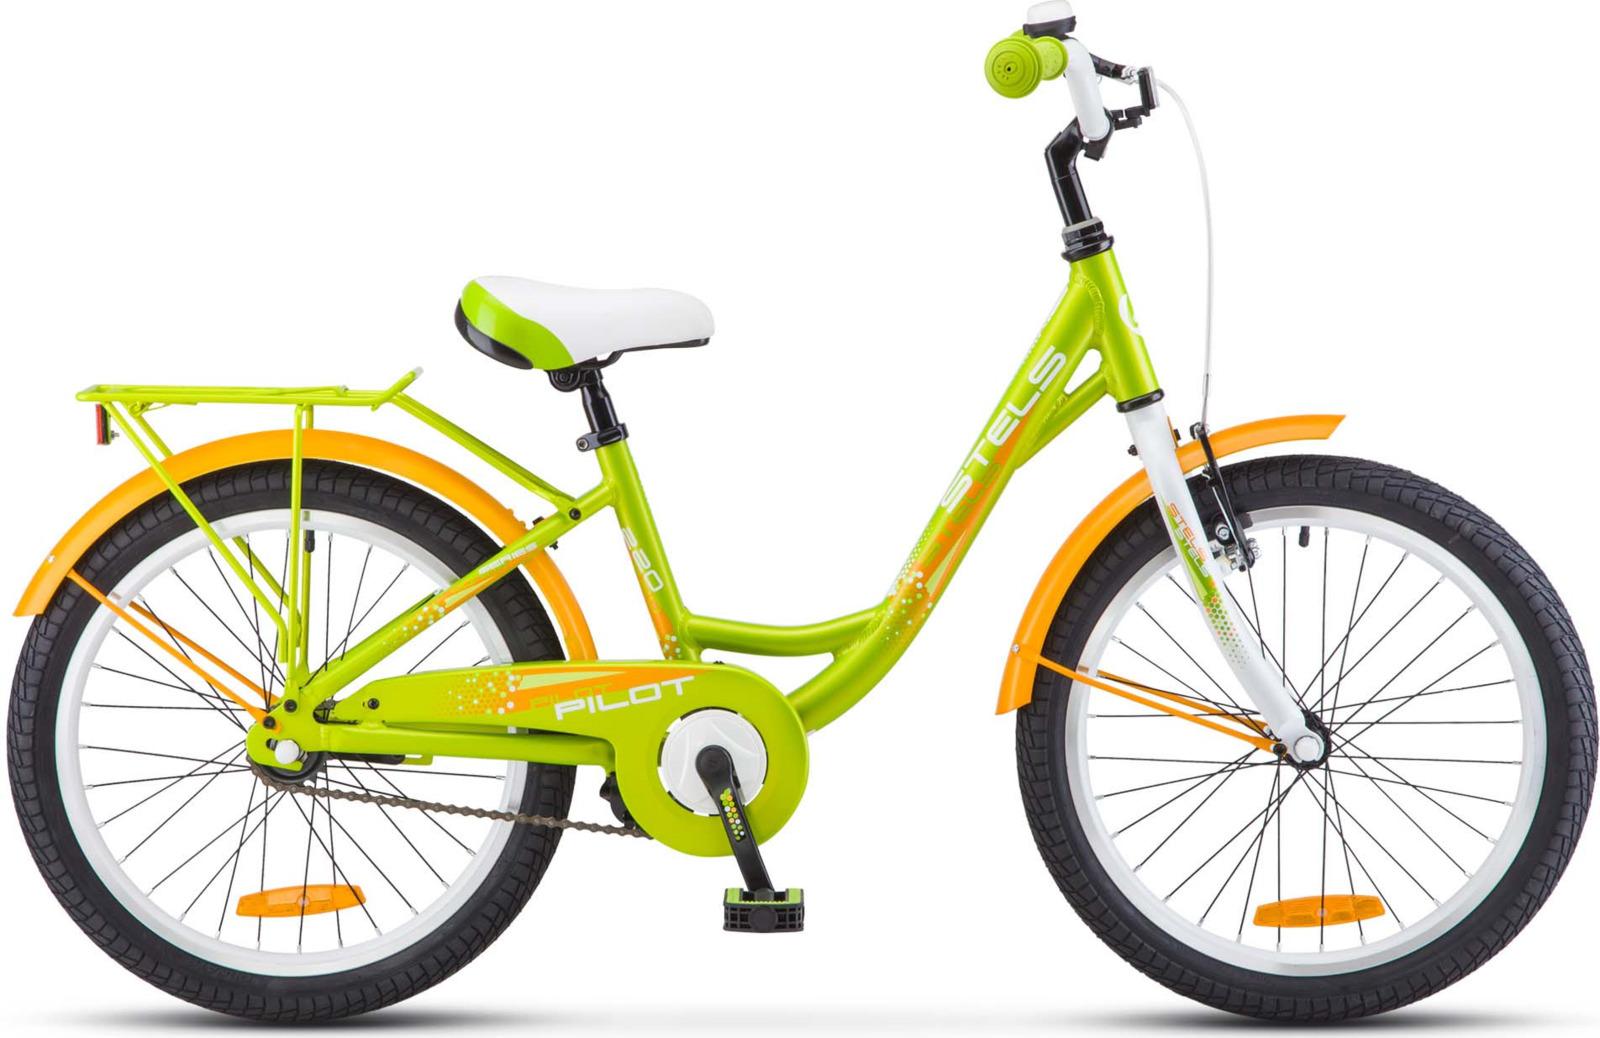 Велосипед Stels Pilot-220 Lady 20 12, KUBC0045312017, зеленый недорого